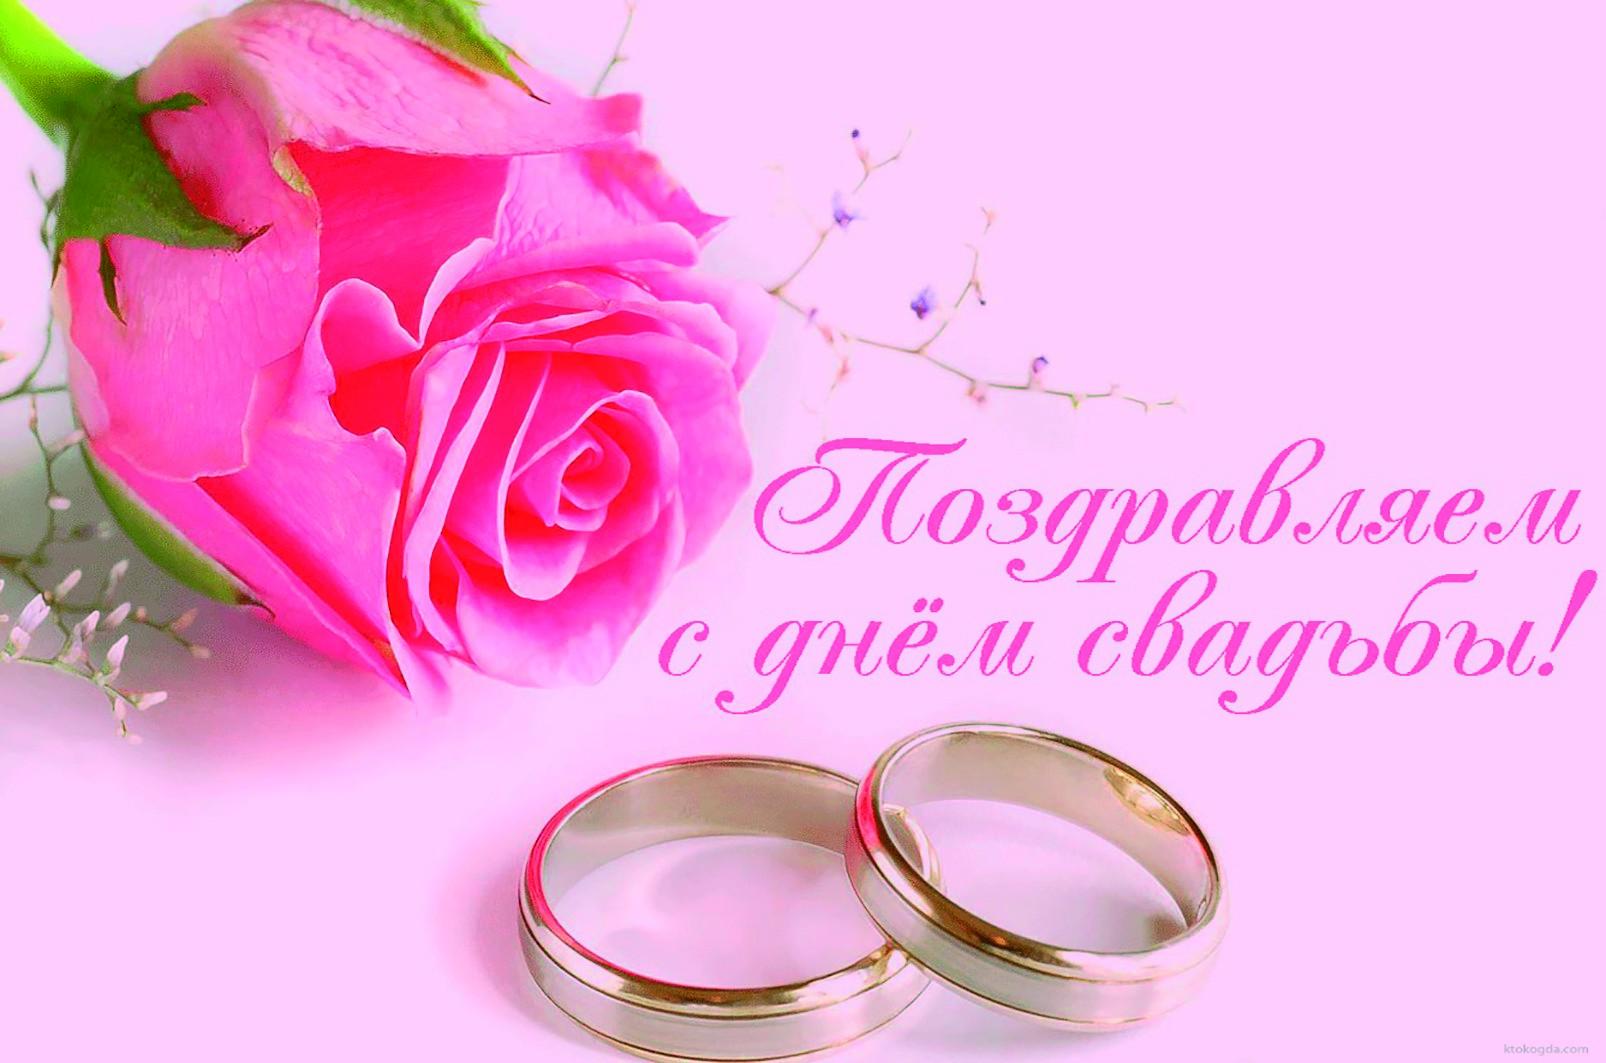 С днём свадьбы - Бесплатные Открытки на 35